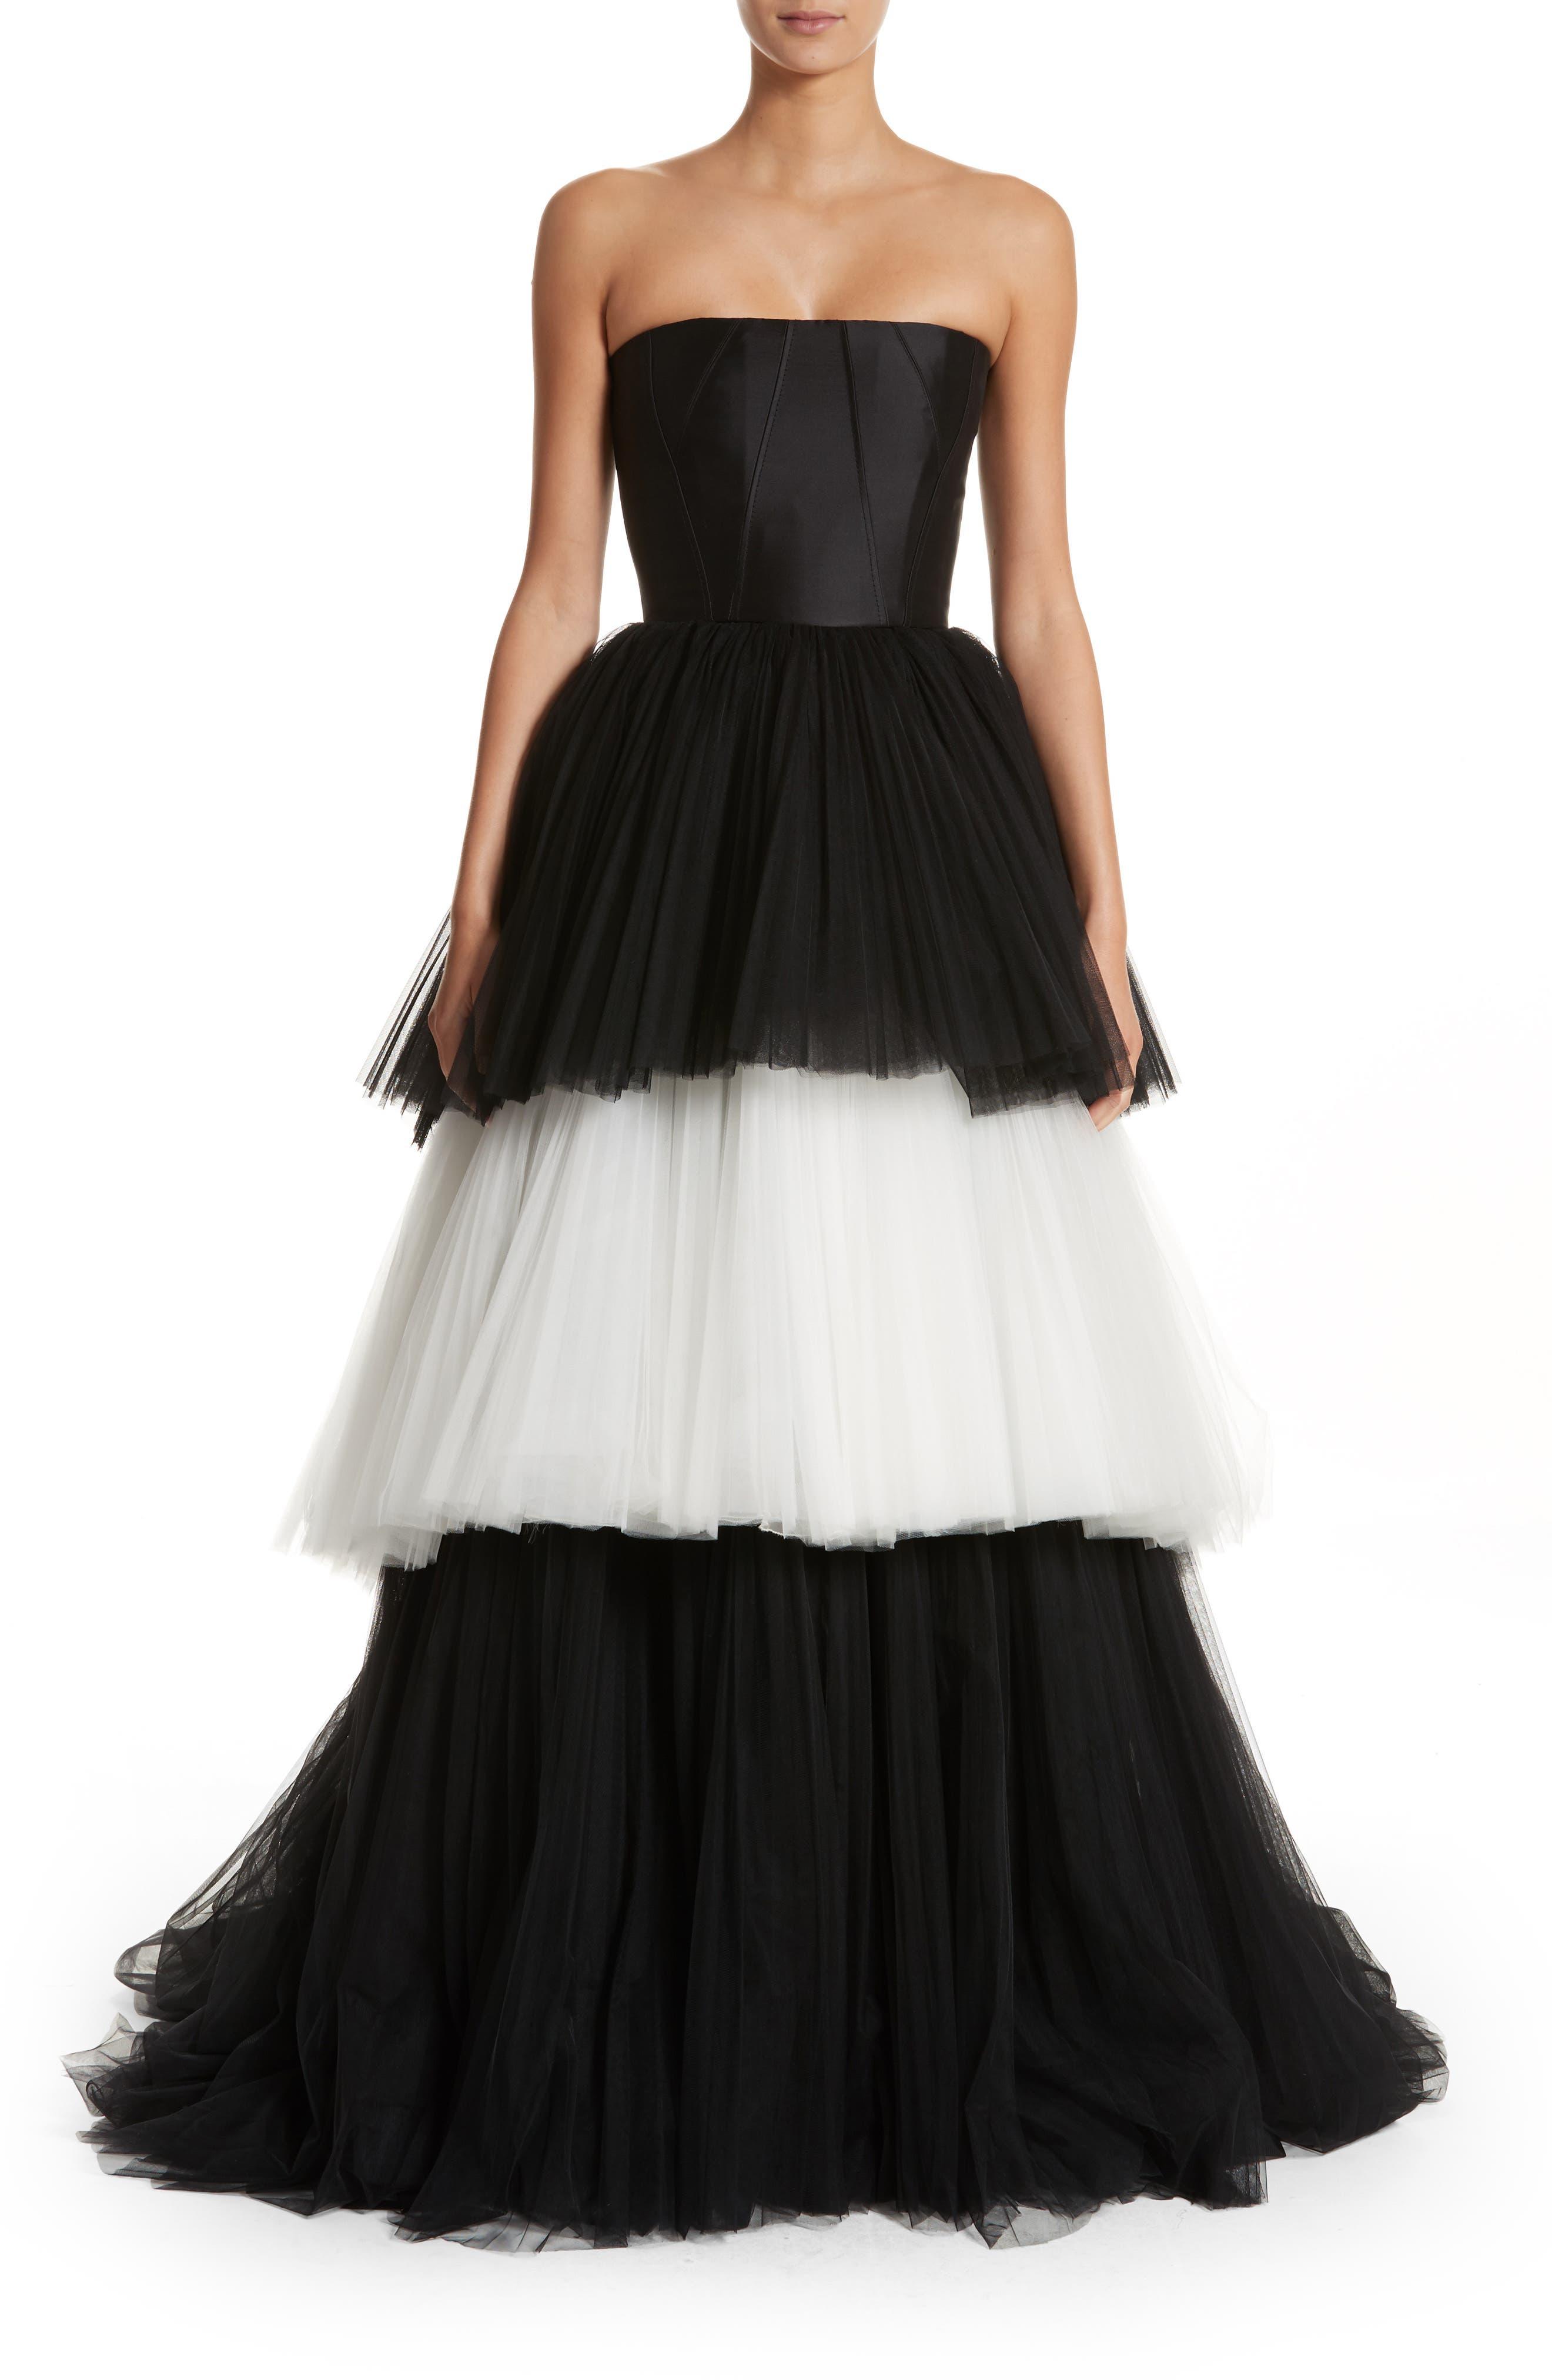 Main Image - Carolina Herrera Strapless Layered Tulle Gown